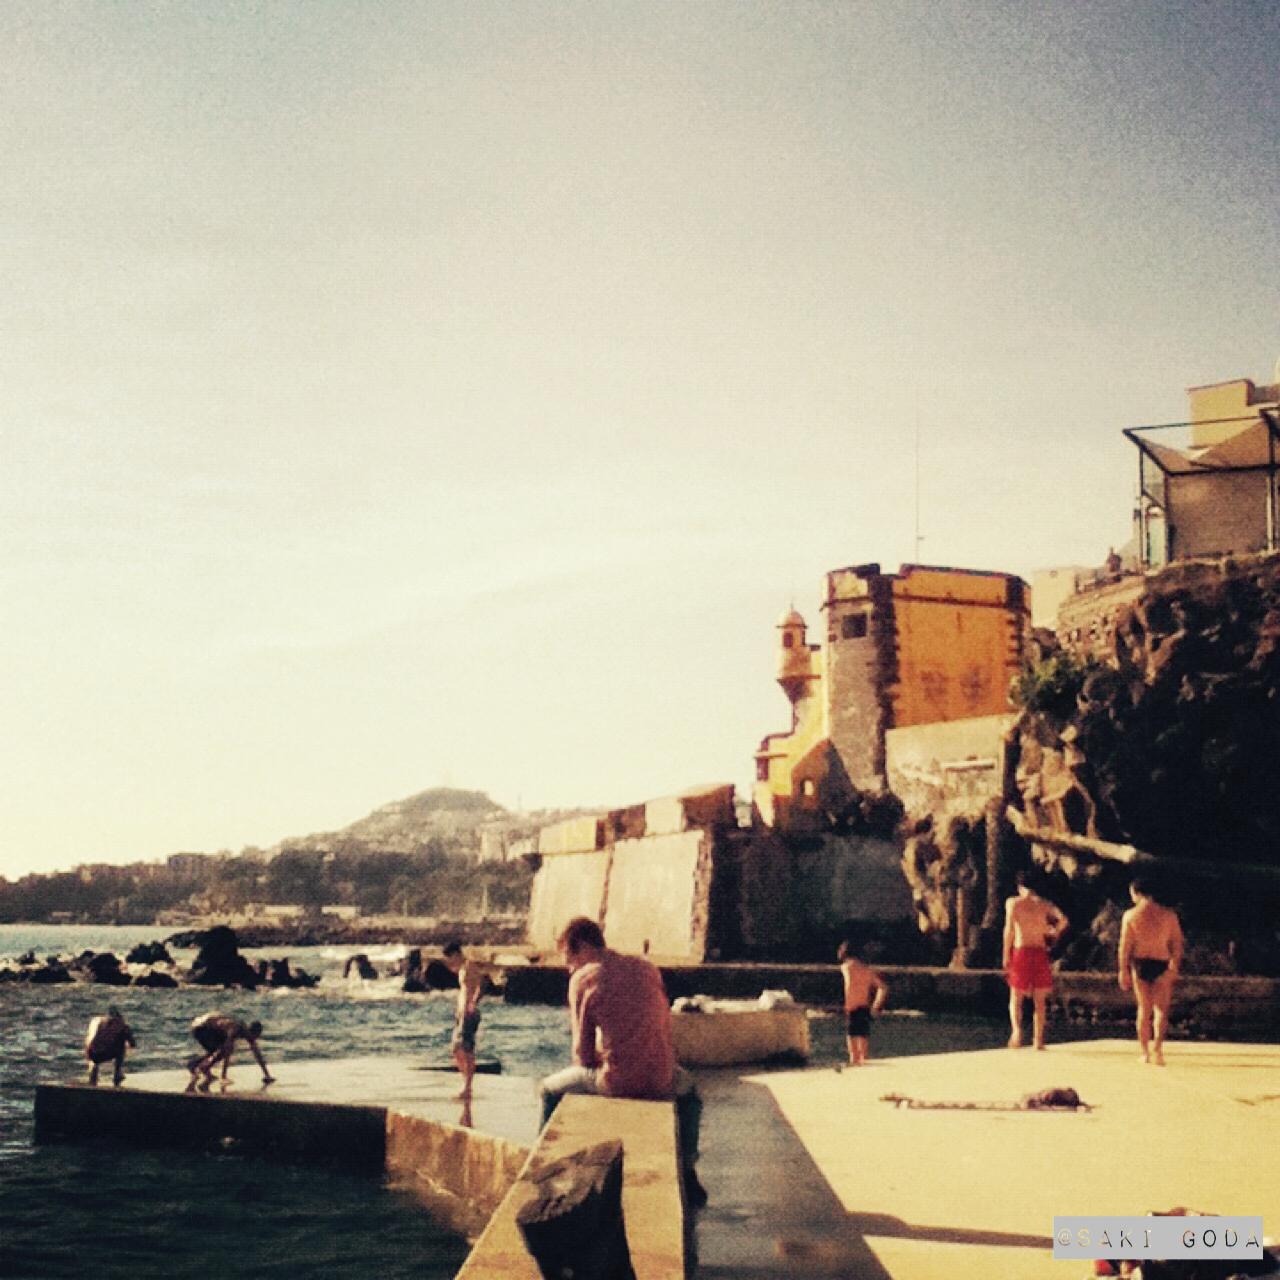 マデイラ島での暮らし〜この島では時間はそこにいつもたっぷりとあります〜